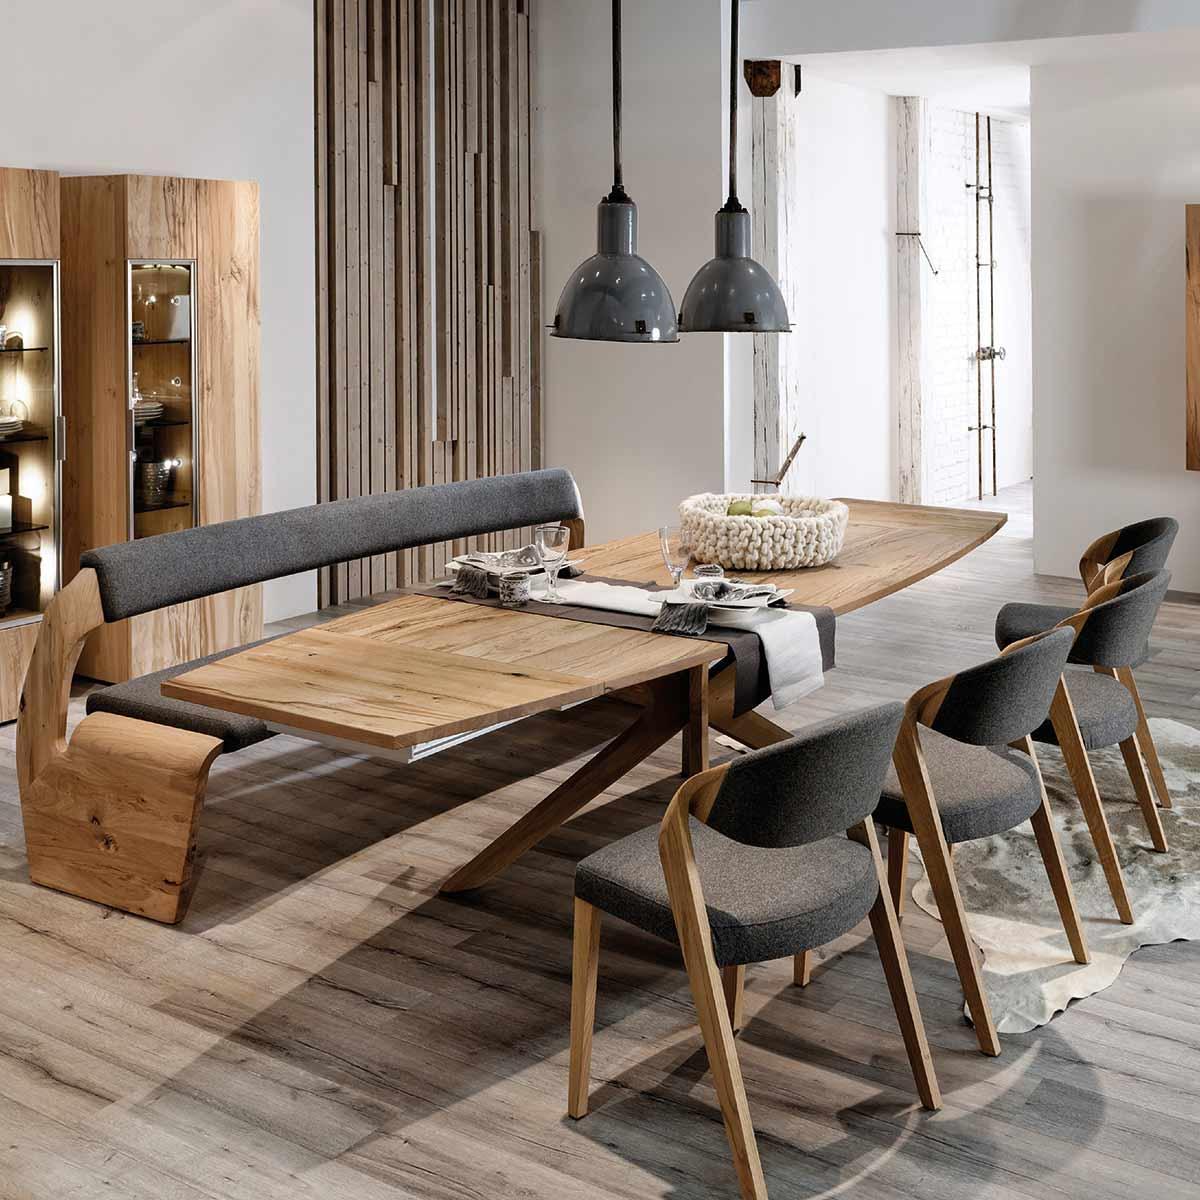 voglauer bank alpin m bel b r ag. Black Bedroom Furniture Sets. Home Design Ideas